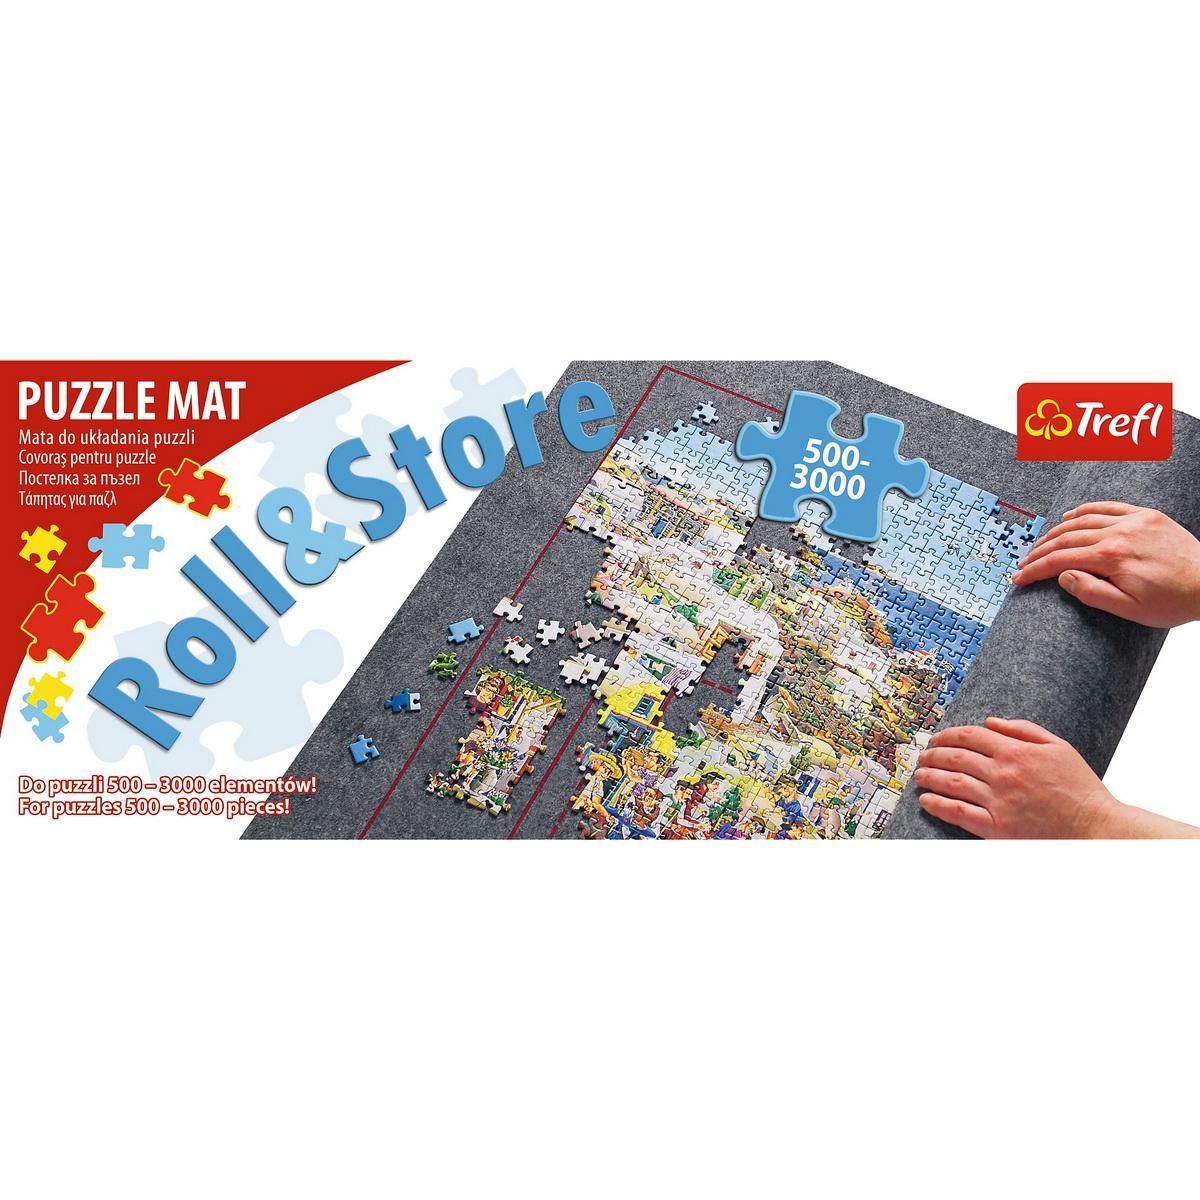 Covoras pentru rulat puzzle-uri intre 500 si 3000 piese